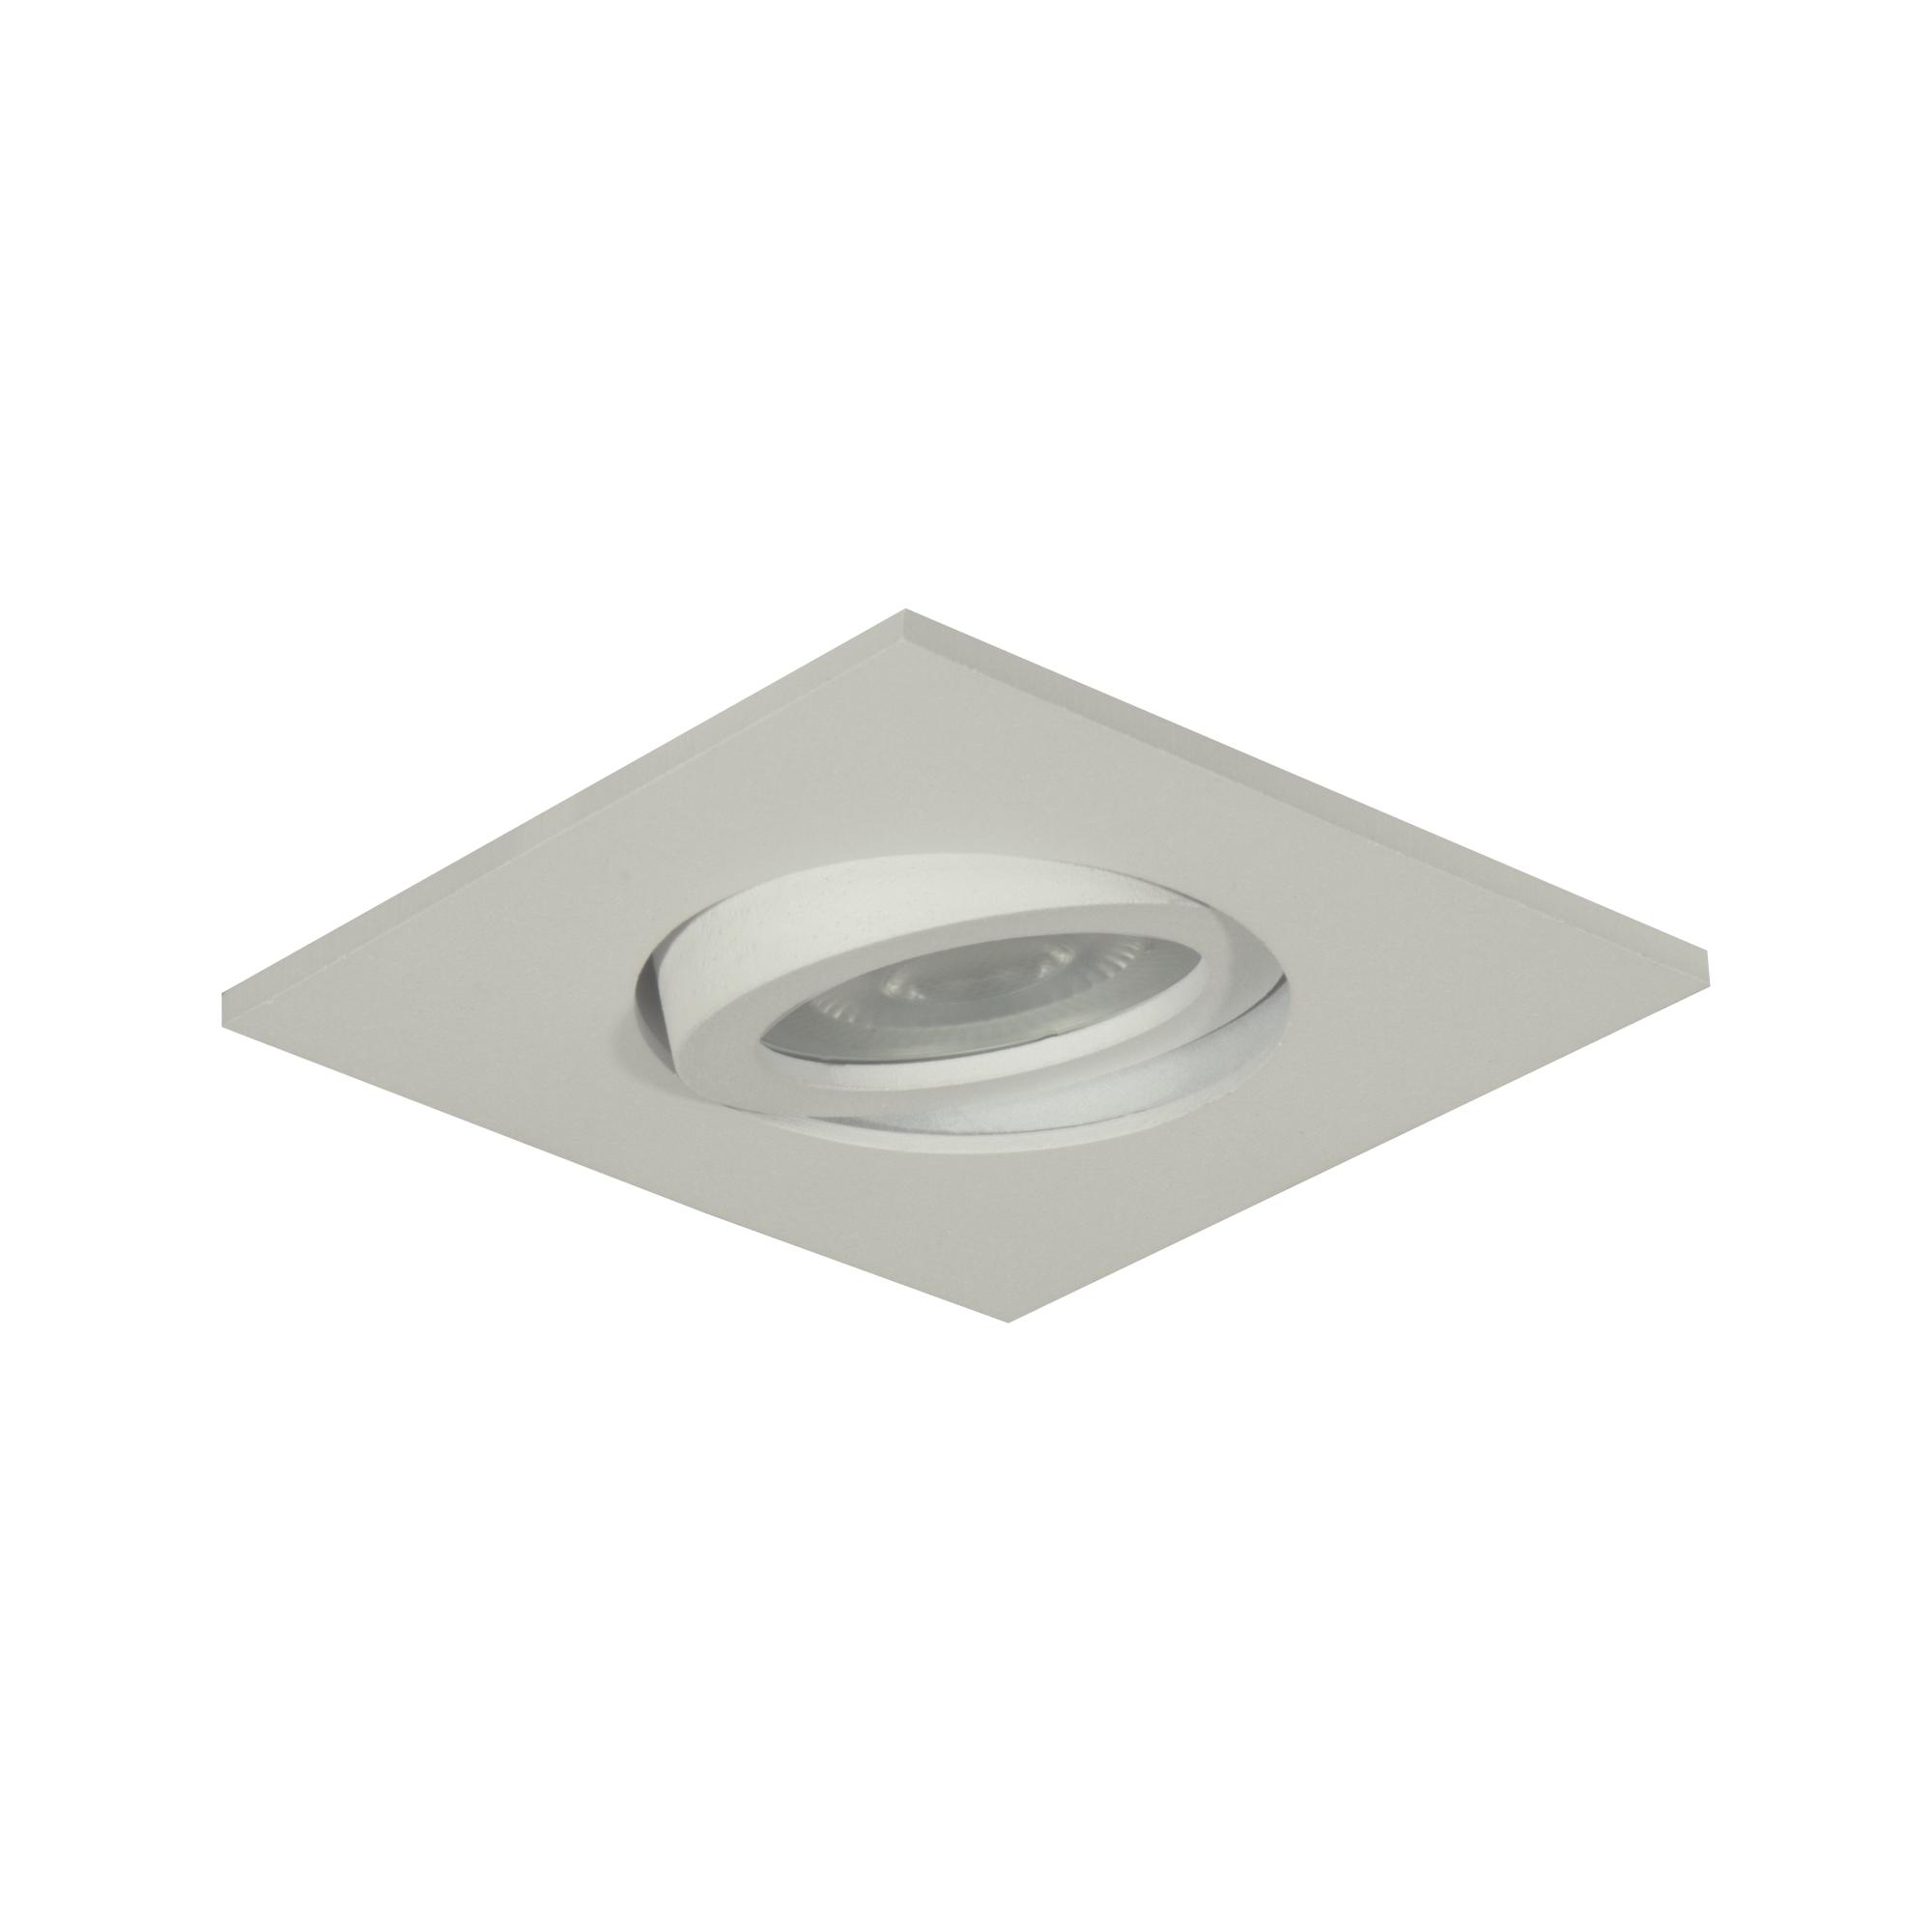 Spot Embutir Aluminio Dicroica Quadrado Branco 8605 - Goli